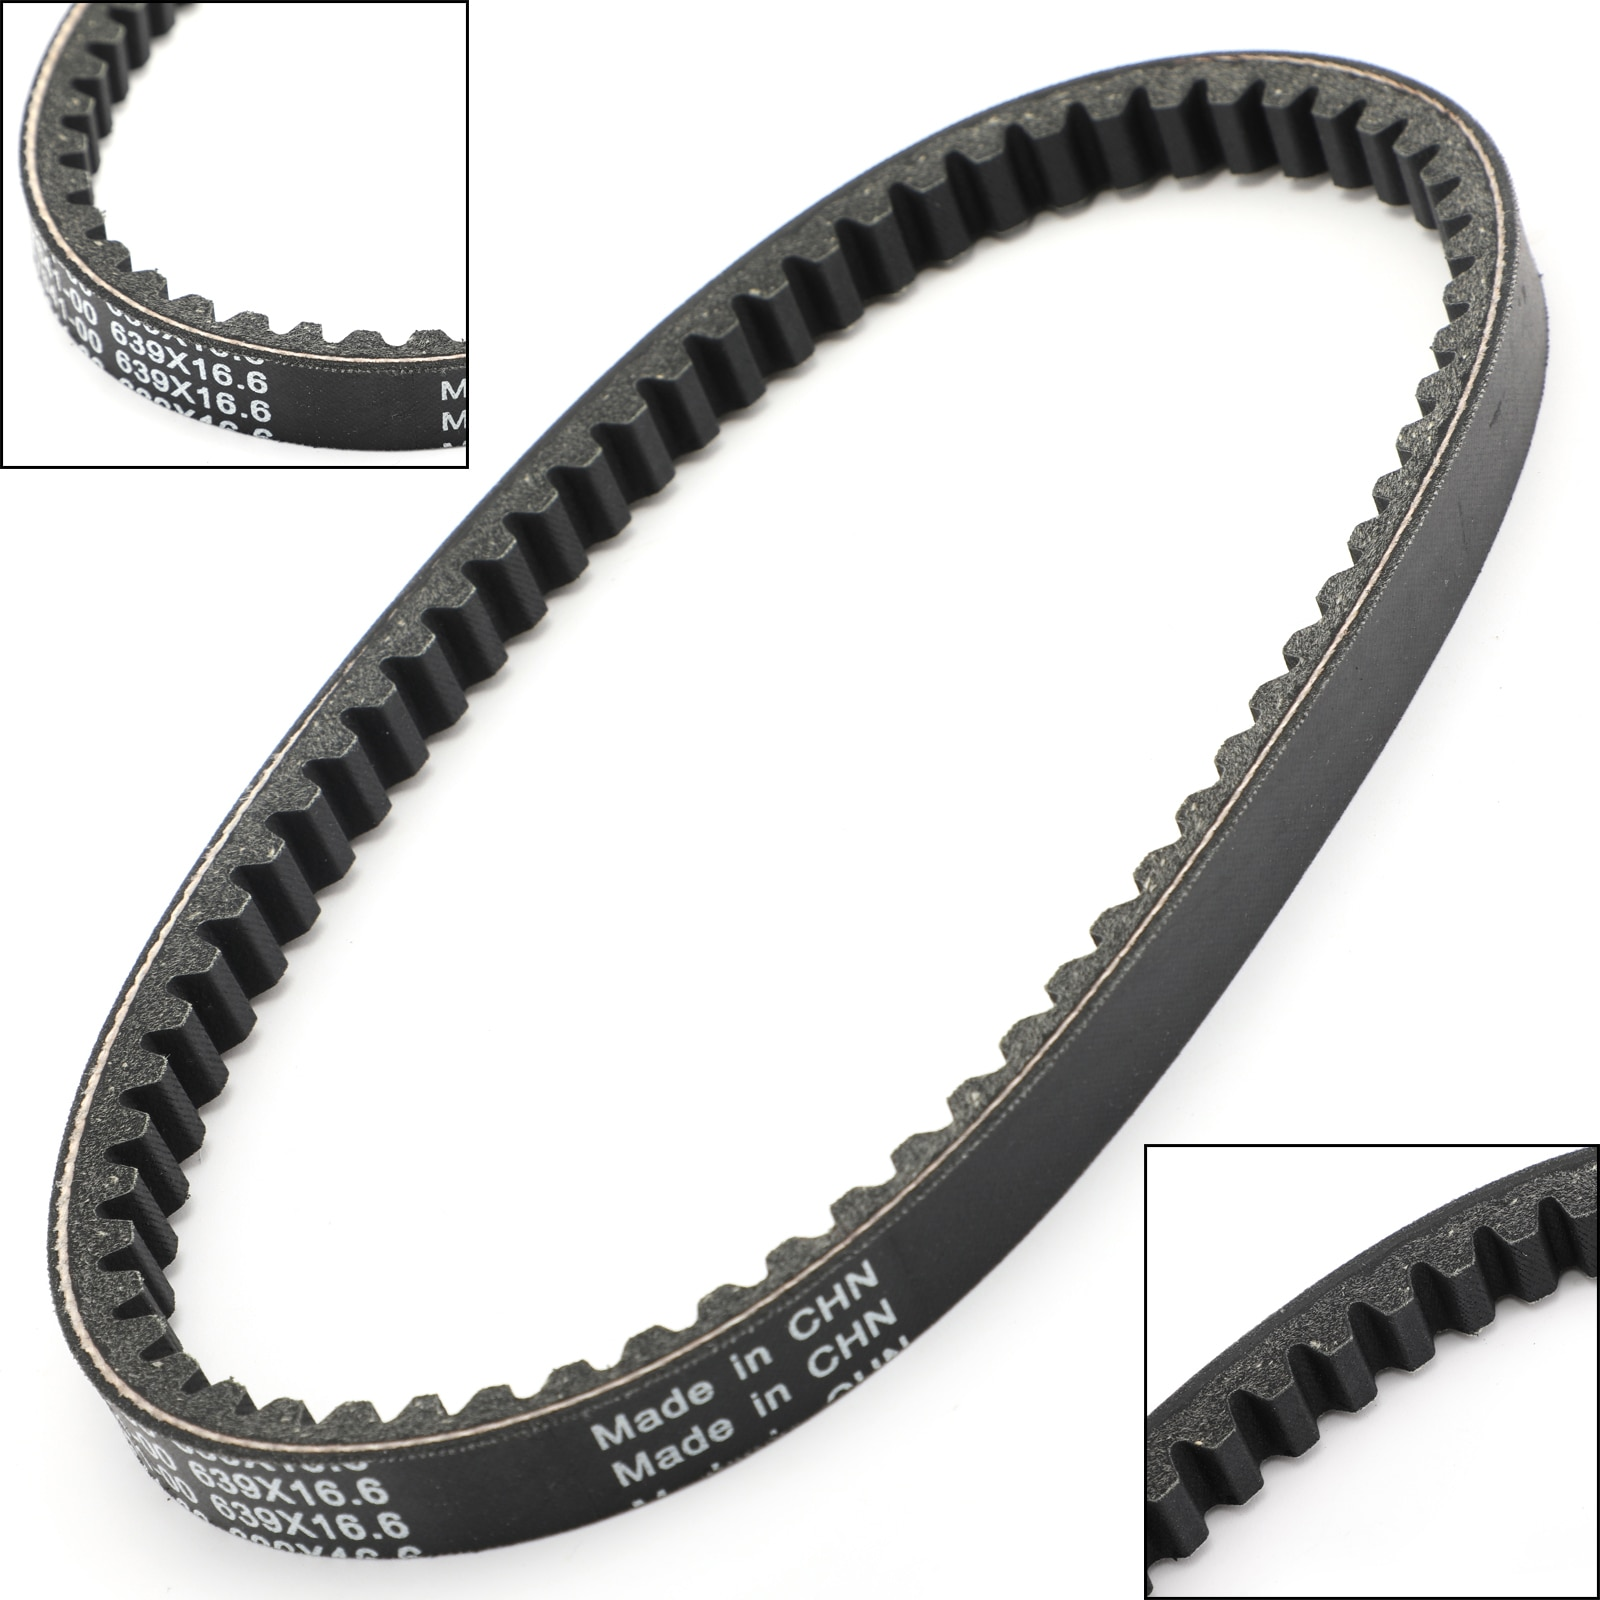 Cinturón de transmisión Artudatech para Honda 5ST-E7641-00-00, Scooter Jog50 CE50 Vino50 XC50 Jog CE Vino XC 50